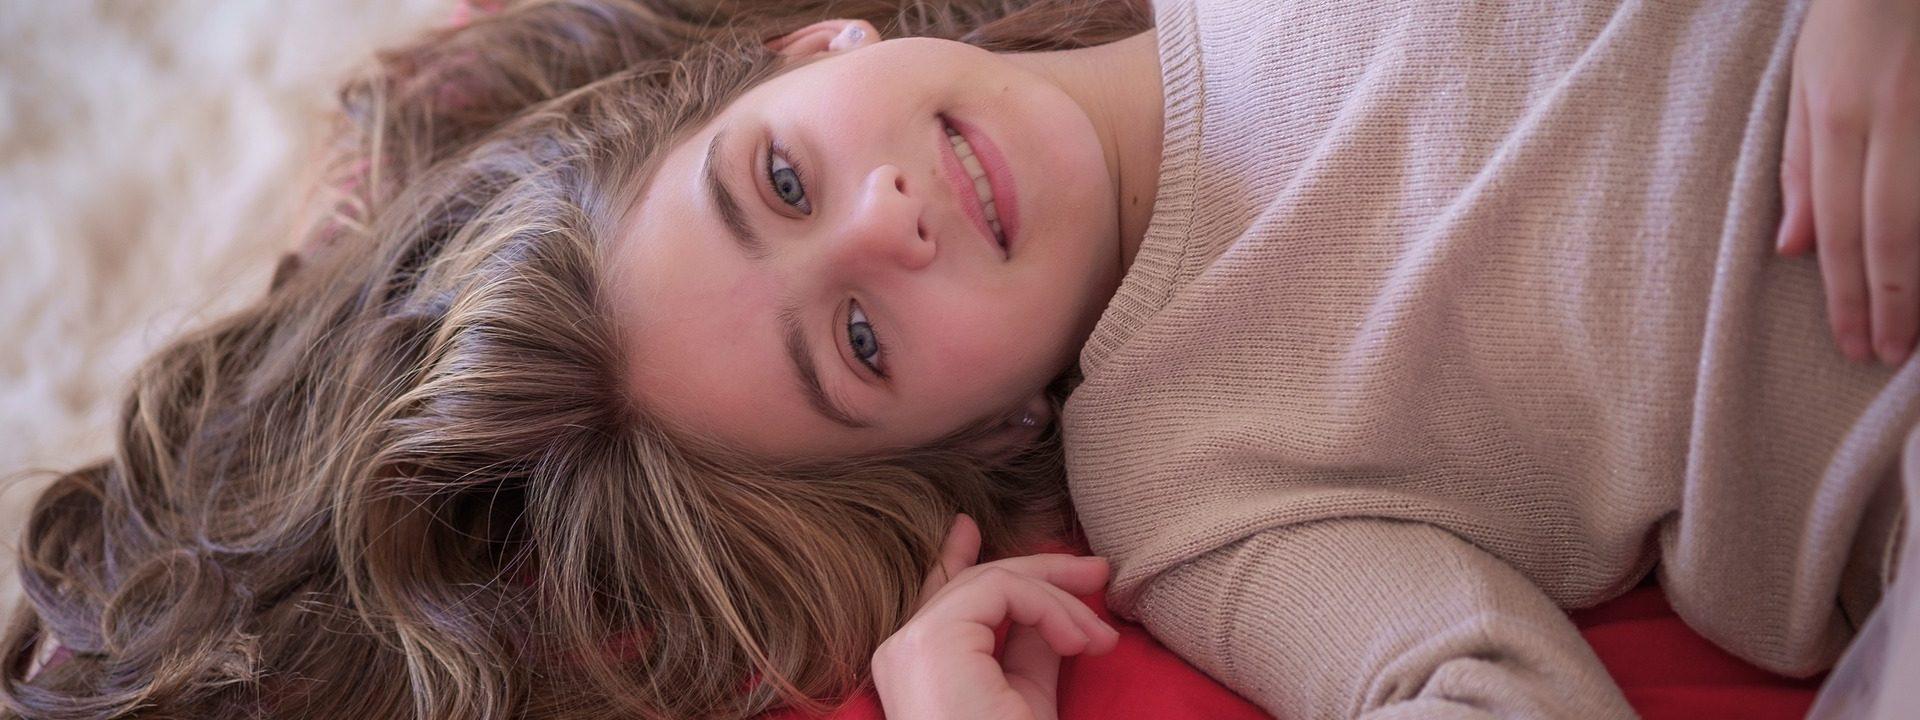 La adolescencia y sus implicaciones